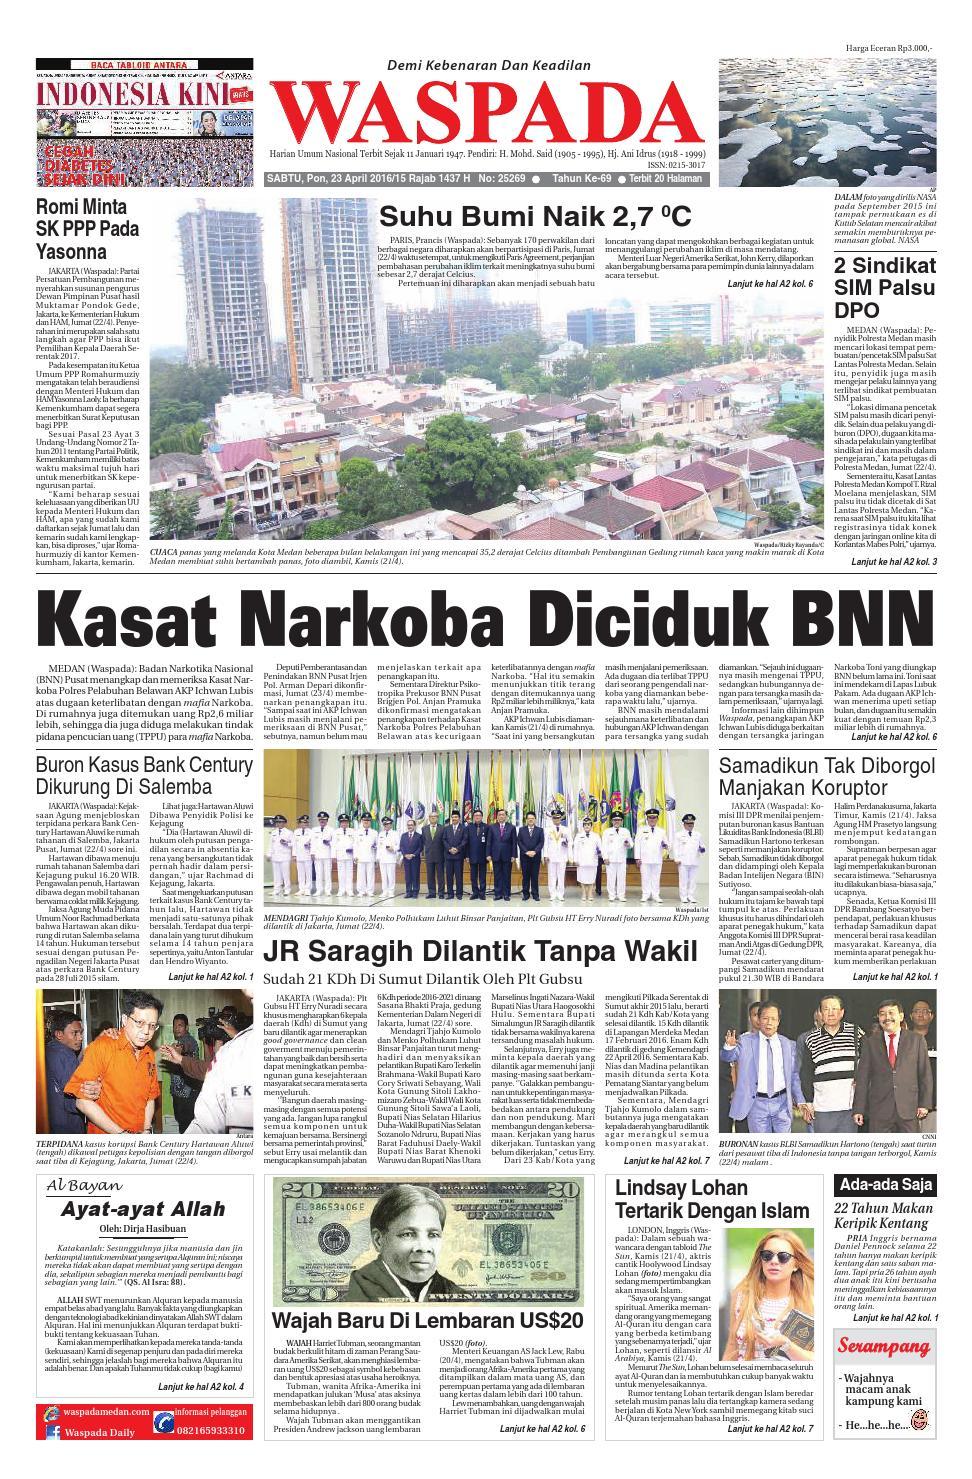 Waspadasabtu 23 April 2016 By Harian Waspada Issuu Keripik Tahu Alip Bintang Terang Pgp